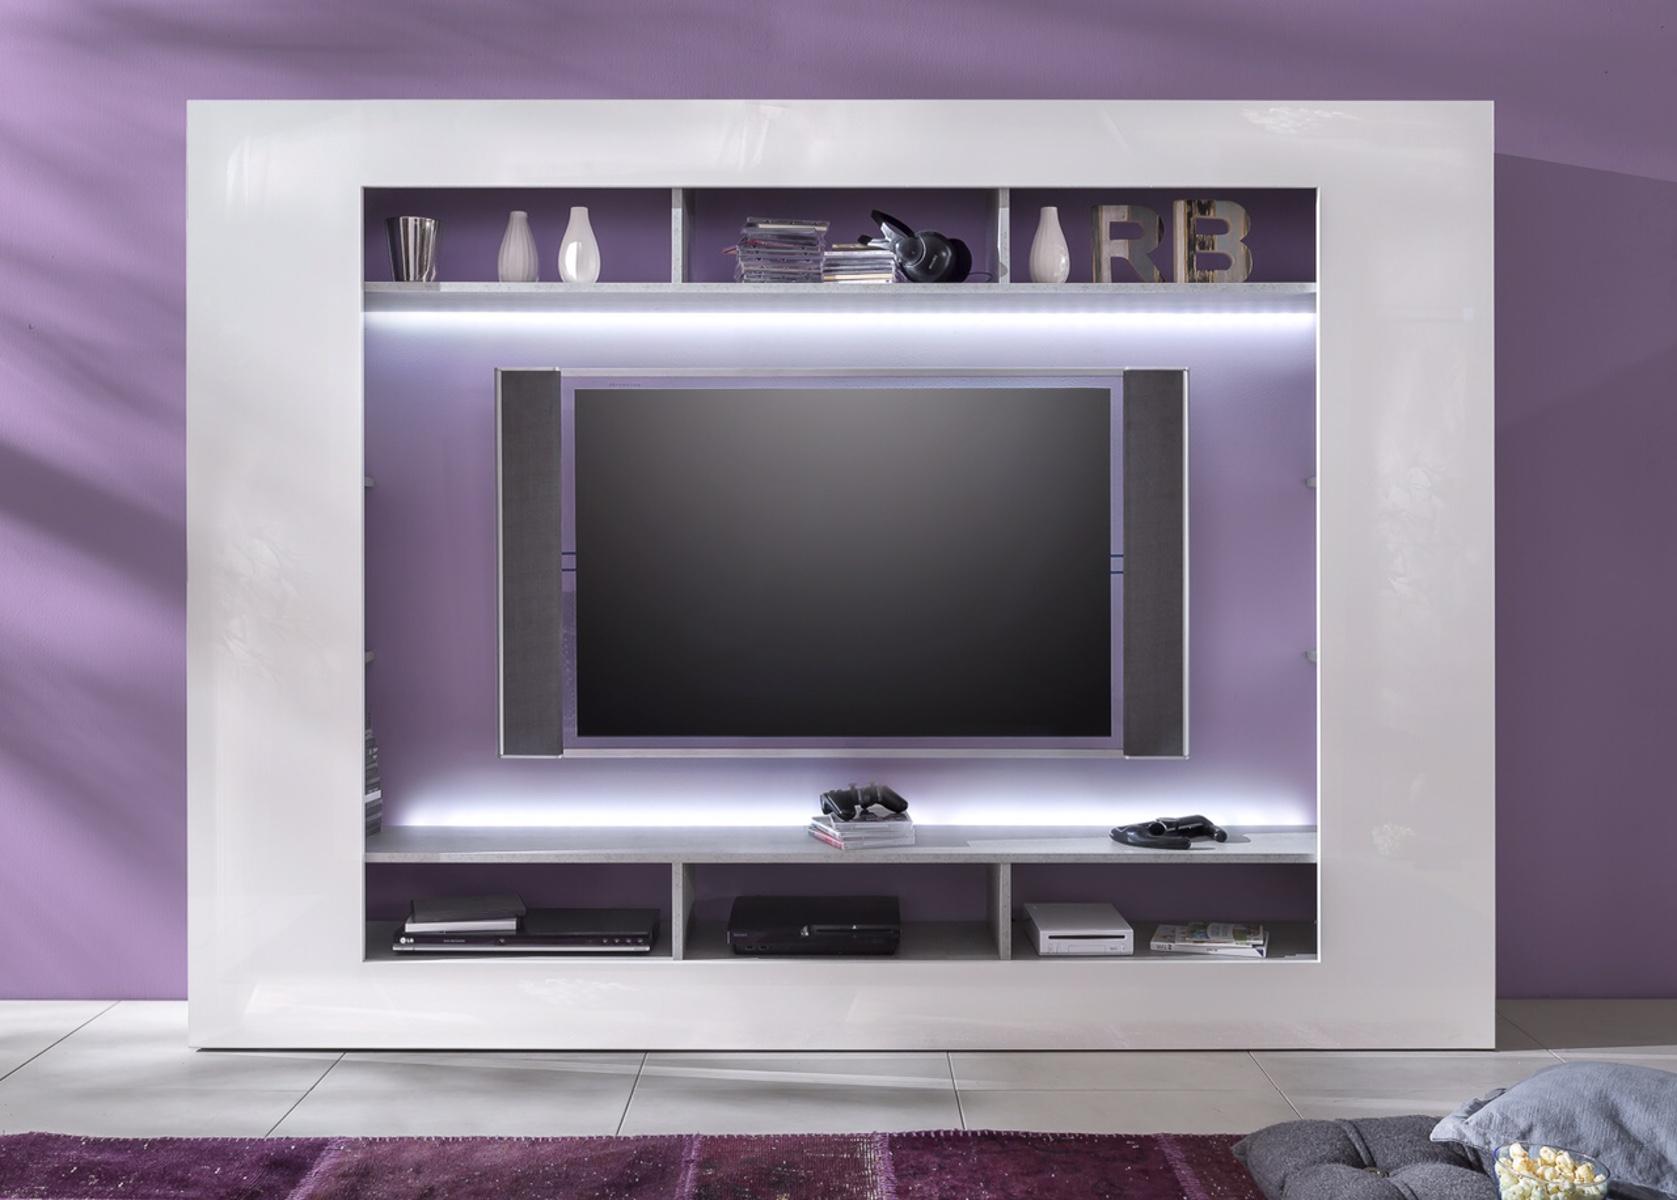 Wohnwand weiiss hochglanz und beton design fernsehschrank hifi ...